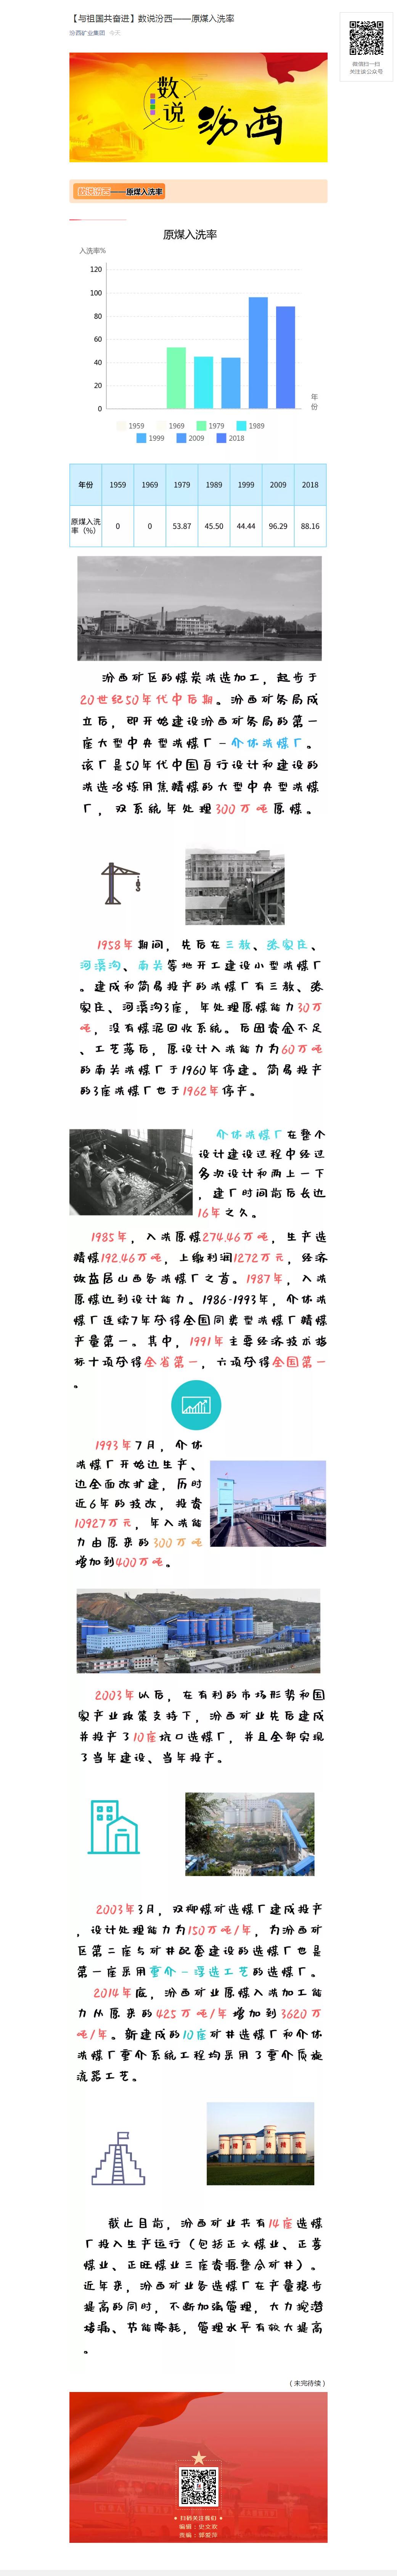 【与祖国共奋进】数说龙虎斗游戏——原煤入洗率.png